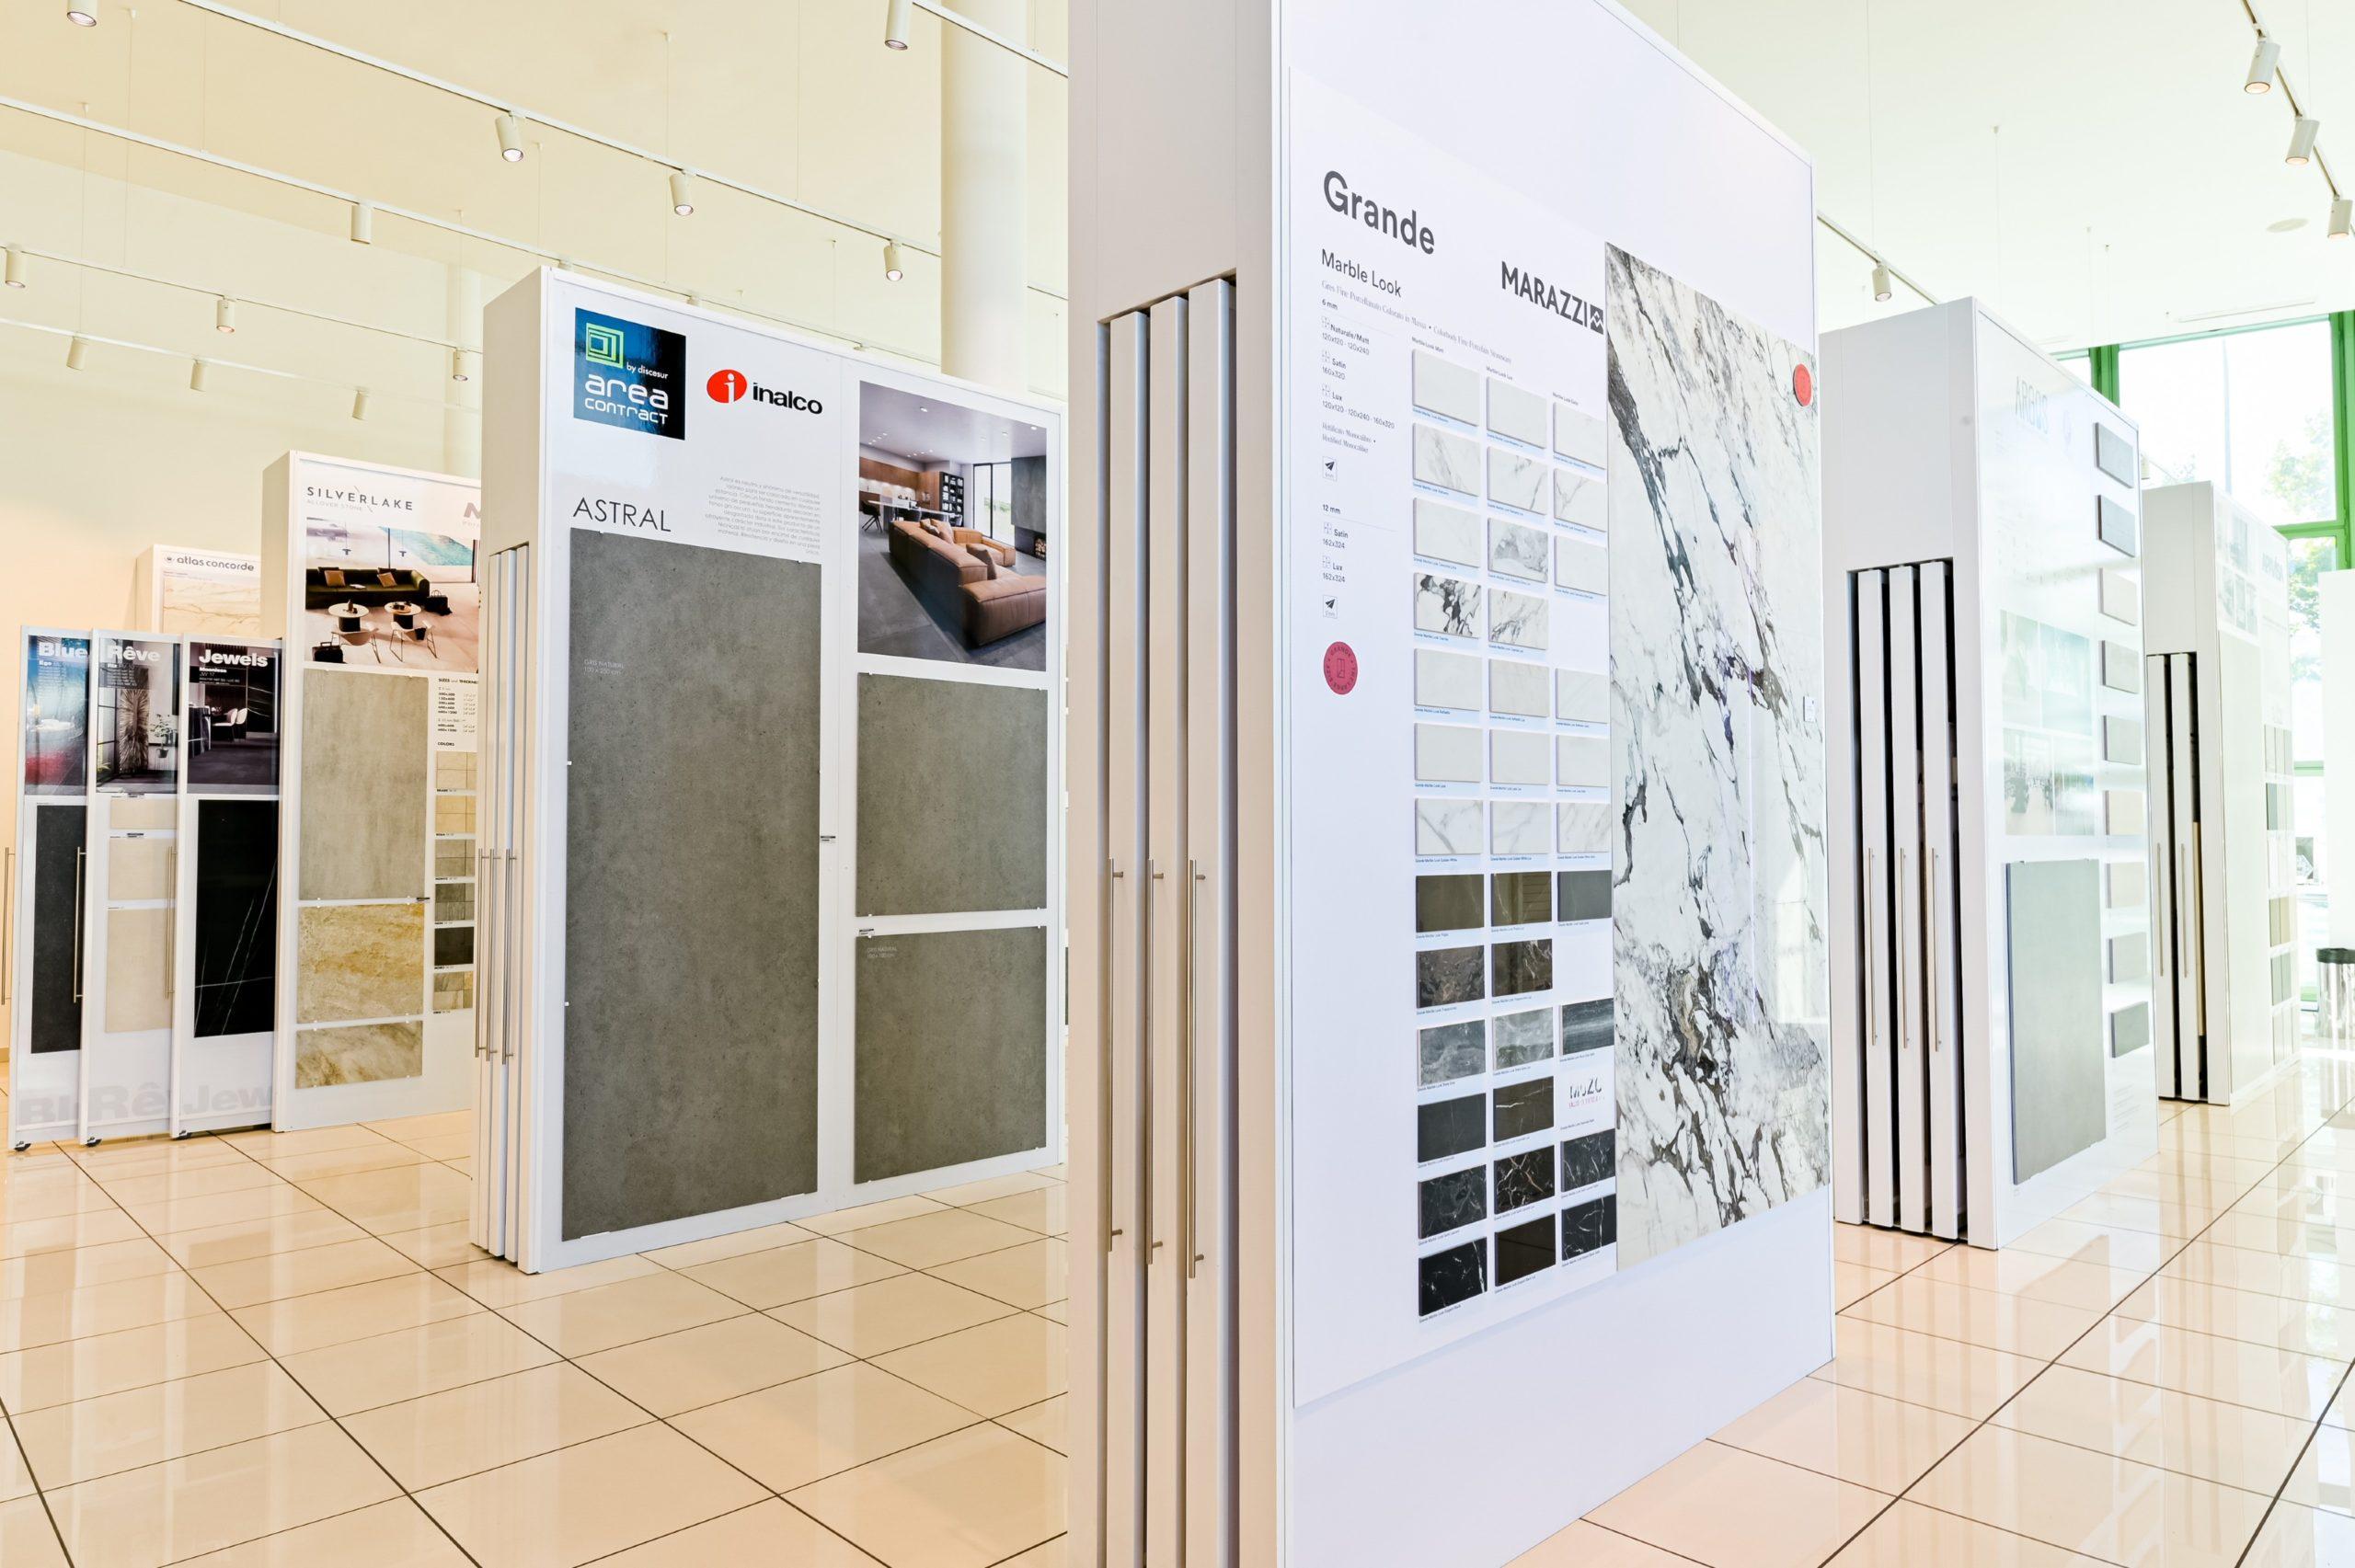 Materiales arquitectura sostenible